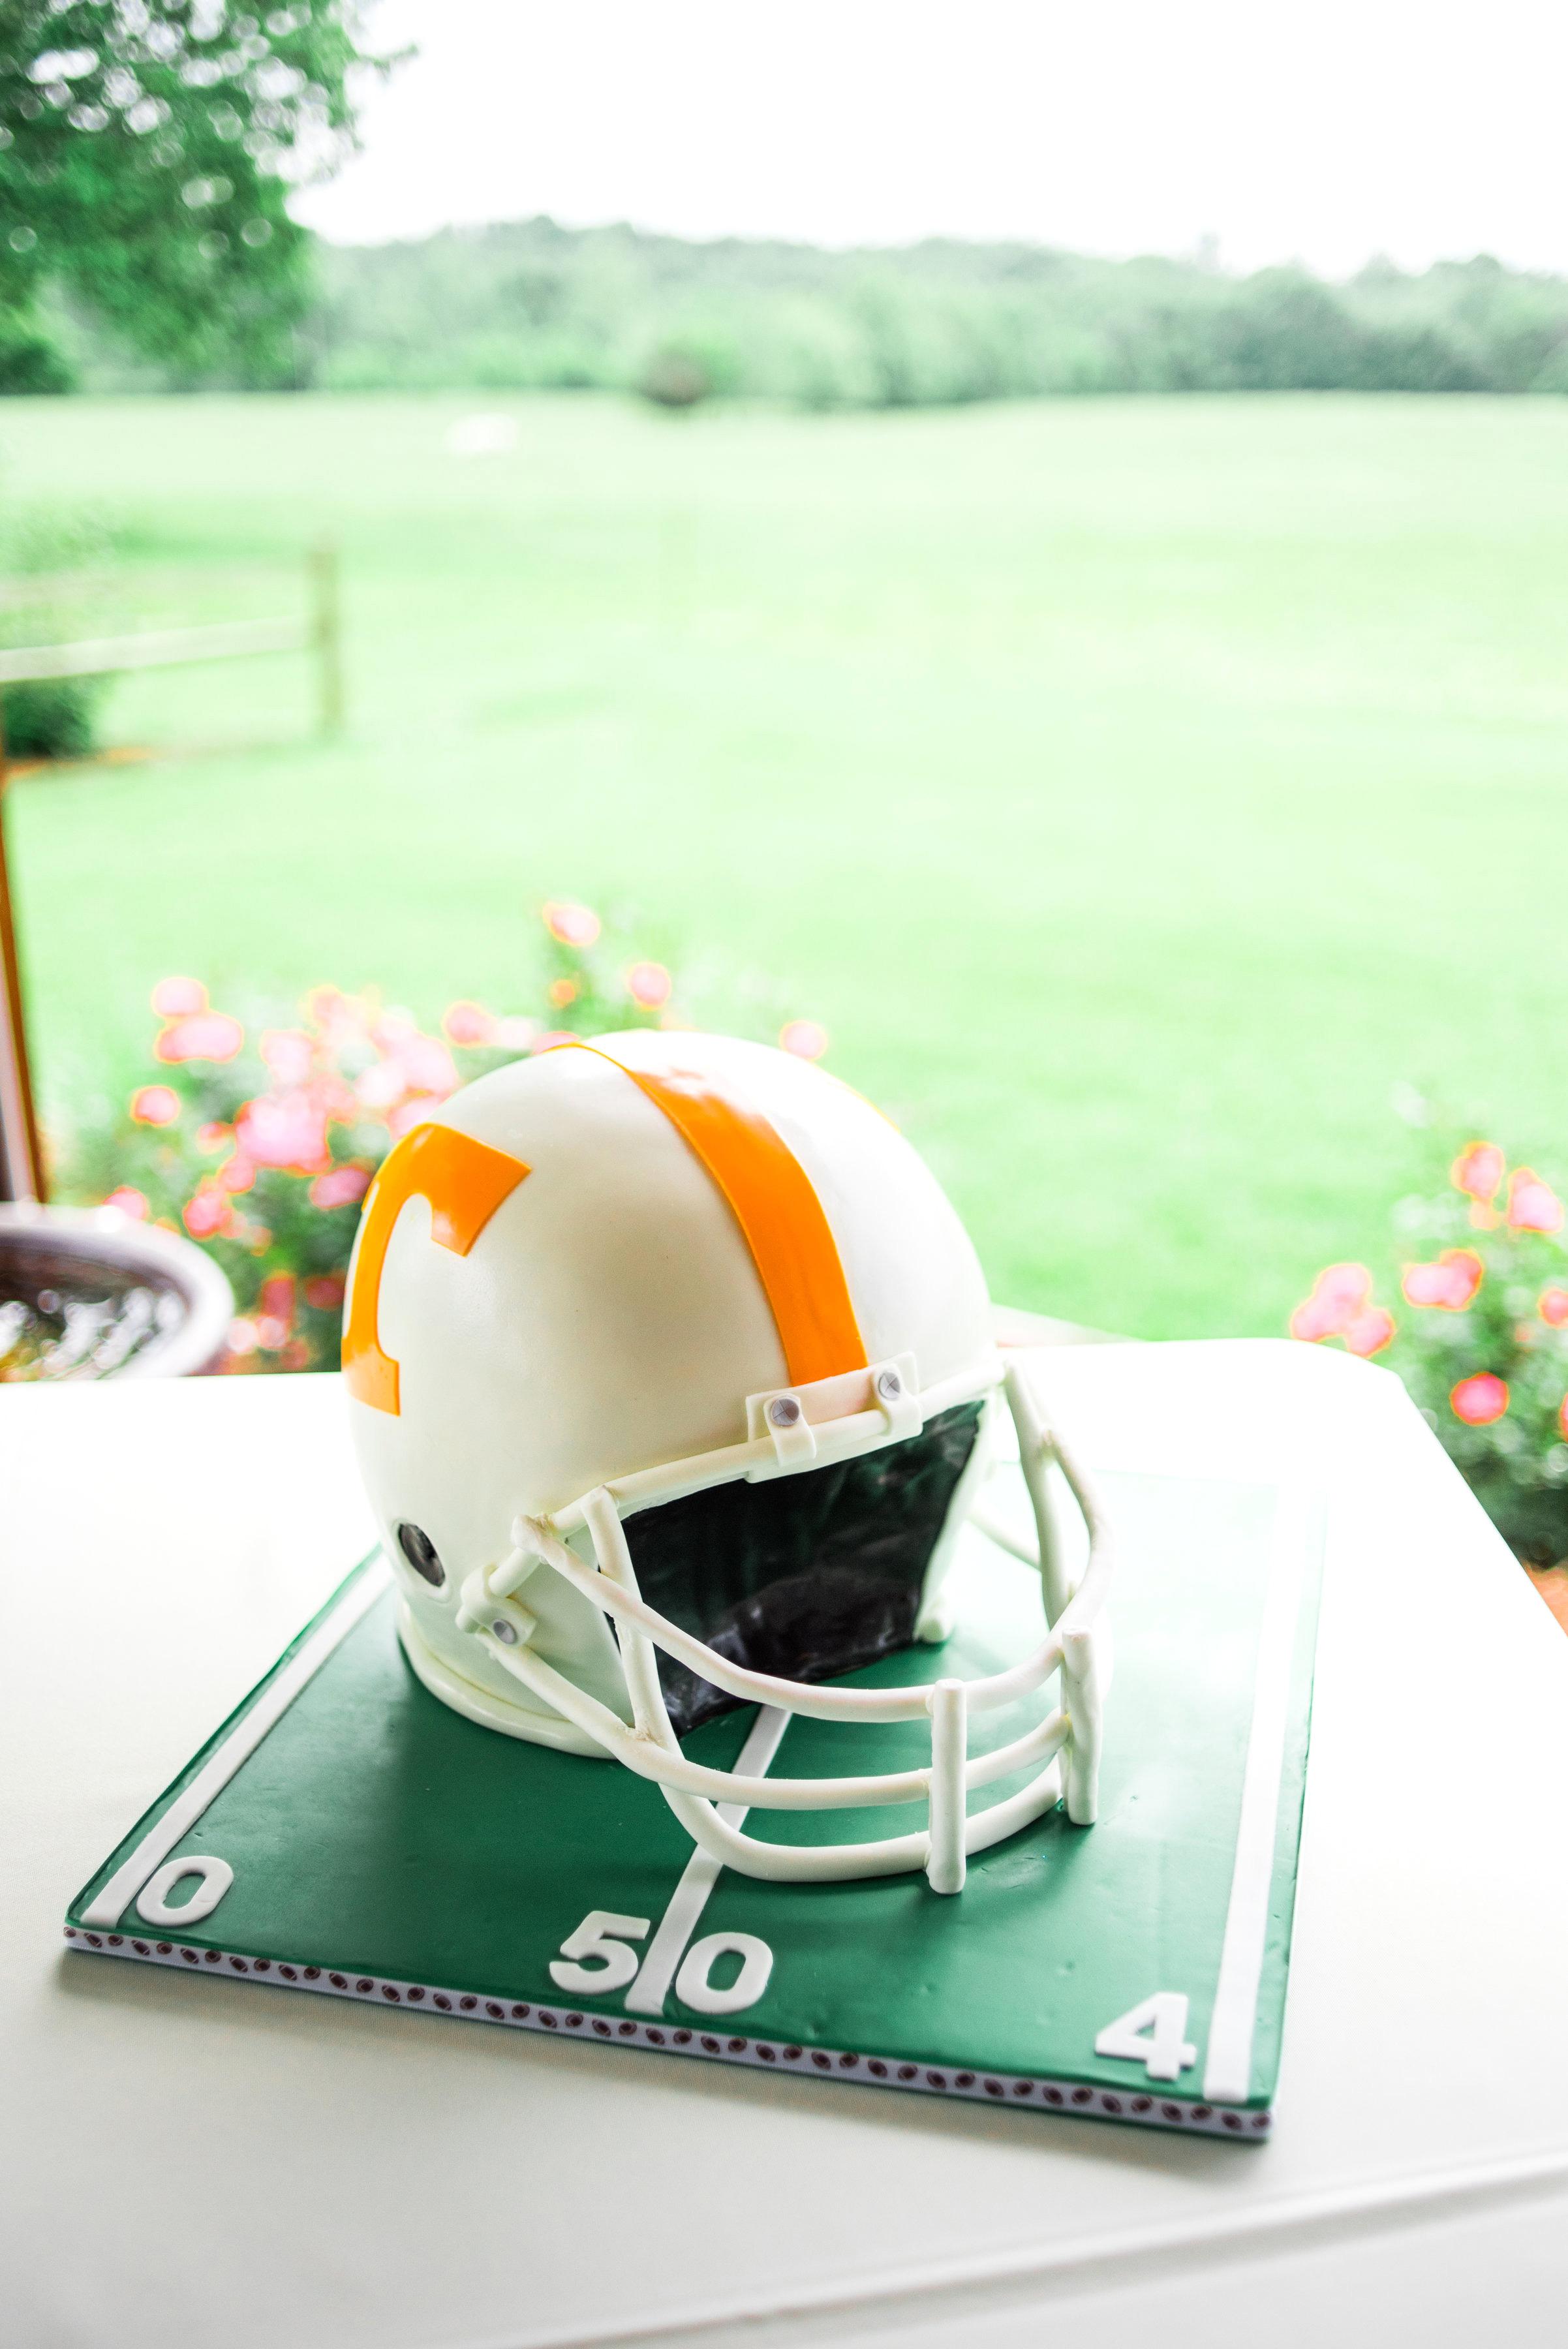 football helmet groom's cake